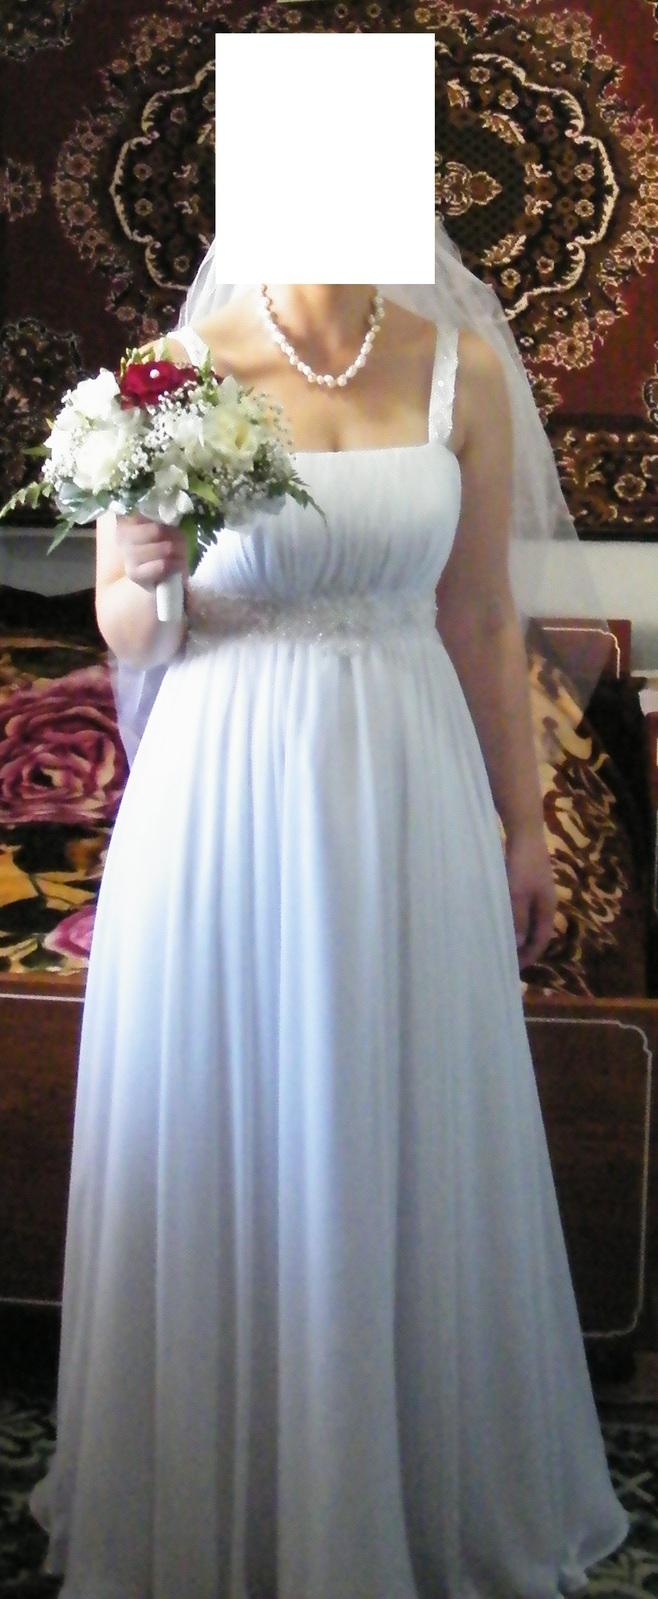 Купить свадебное платье минск цены 7